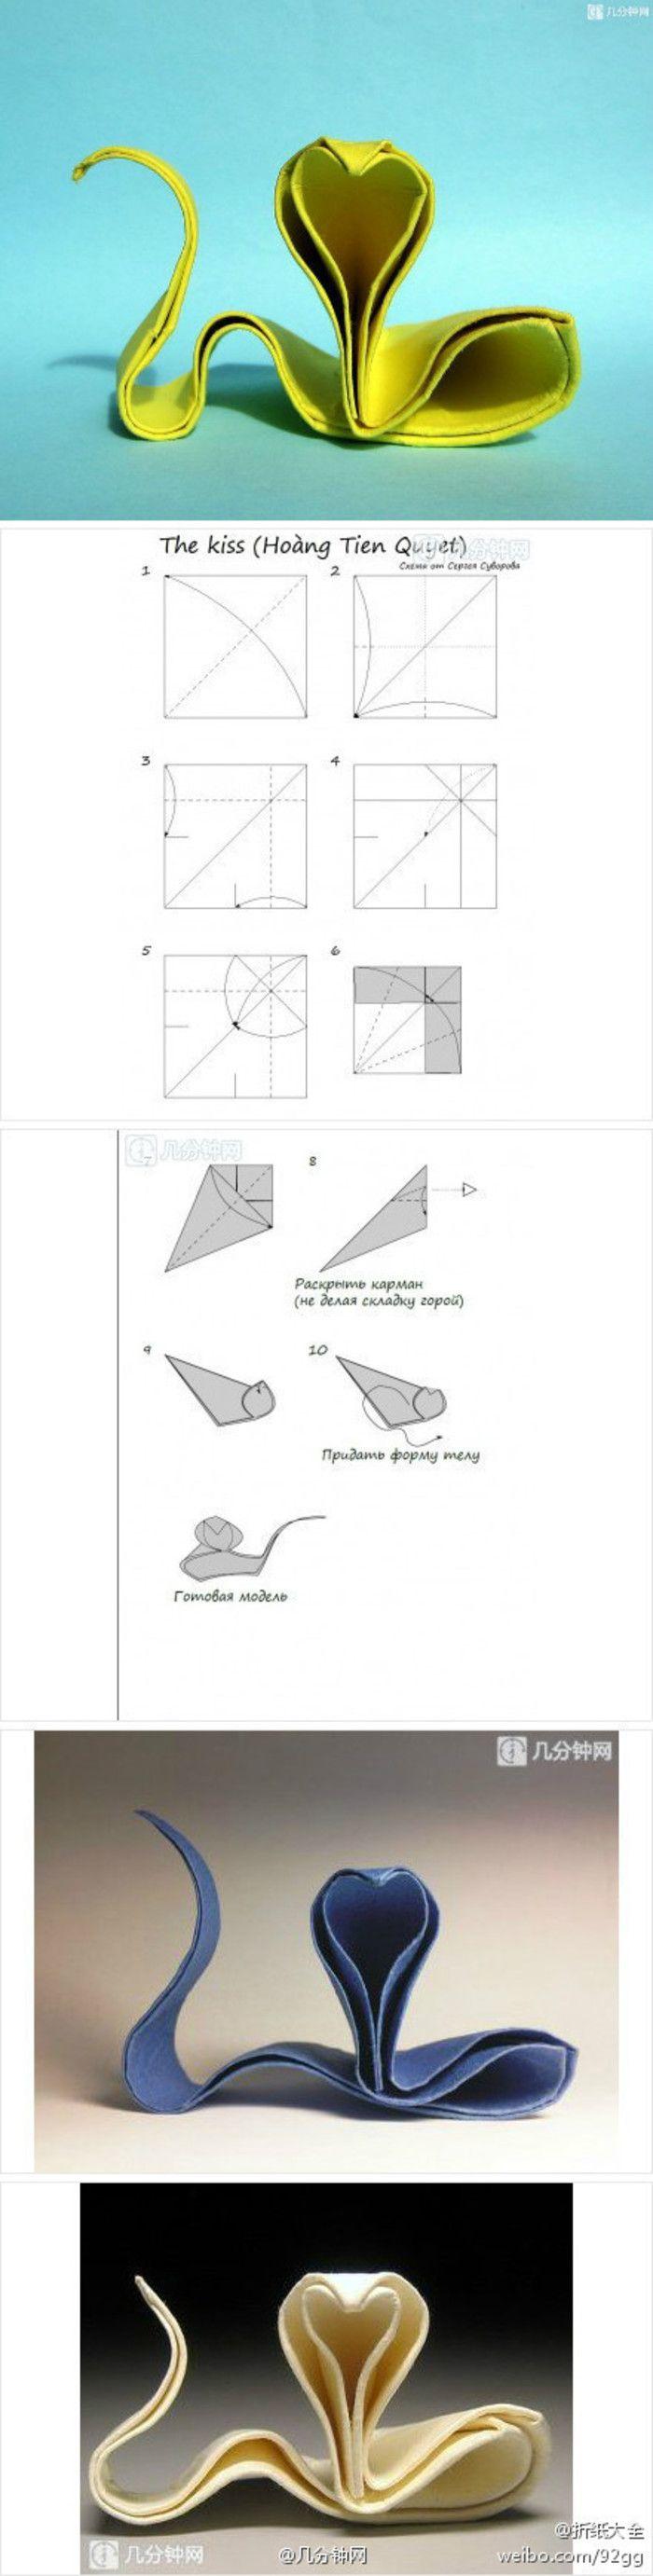 越南阮洪强作品,极简洁的折纸眼镜蛇,考验你们整形功力的时候又到了                                                                                                                                                                                 More